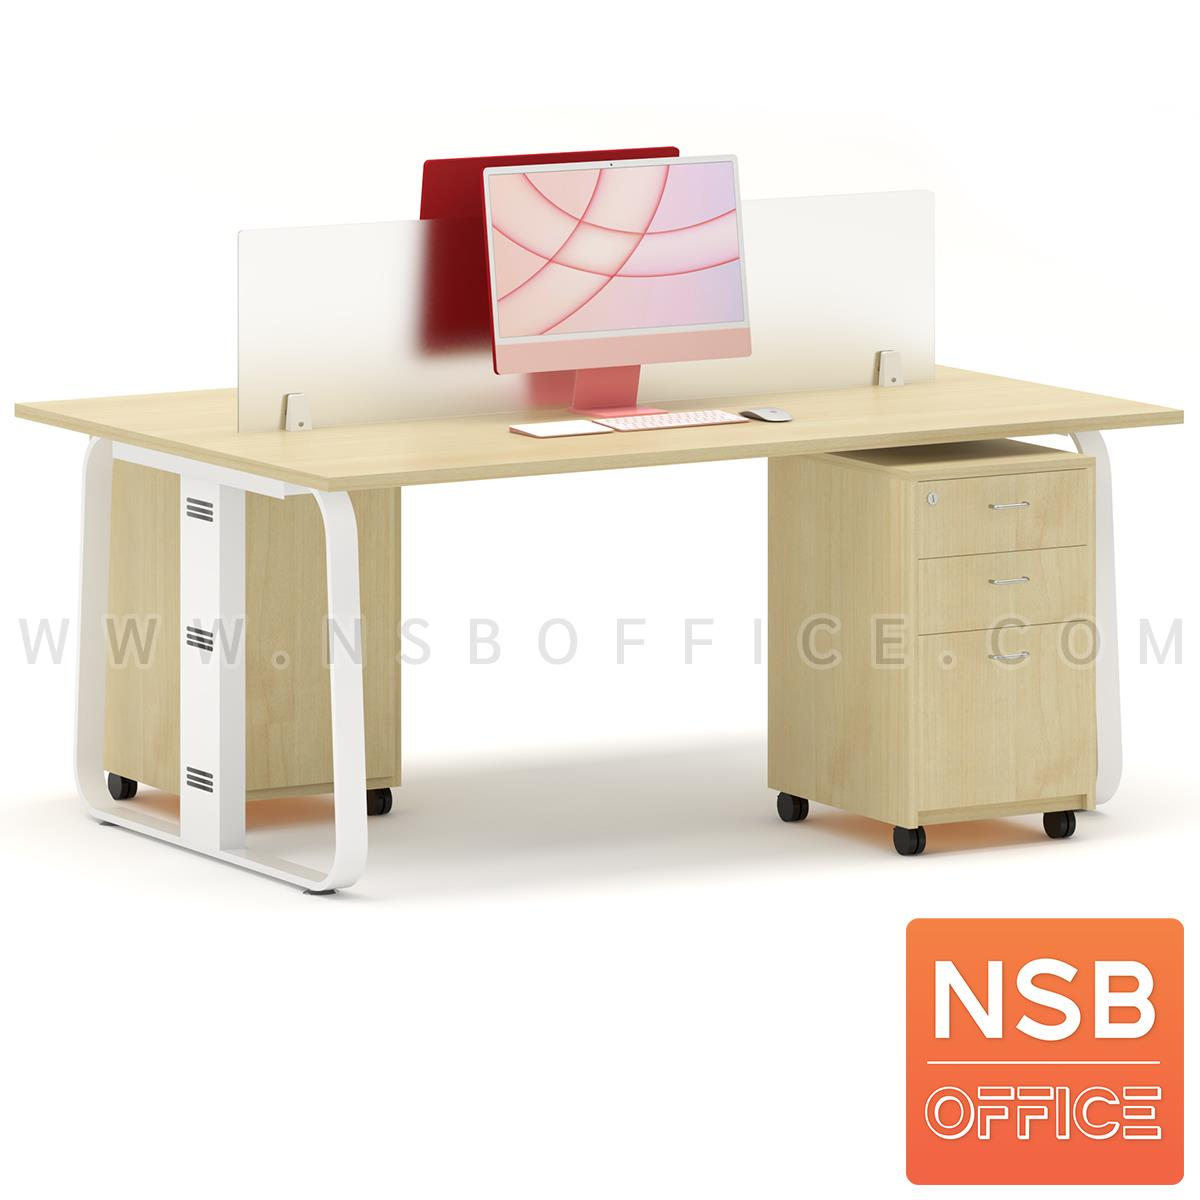 ชุดโต๊ะทำงานกลุ่มขาเหล็ก 2 ที่นั่ง รุ่น Lenka 4 (เล็งกา 4) ขนาด 180W*120D cm พร้อมมินิสกรีนและตู้ลิ้นชักไม้ล้อเลื่อน